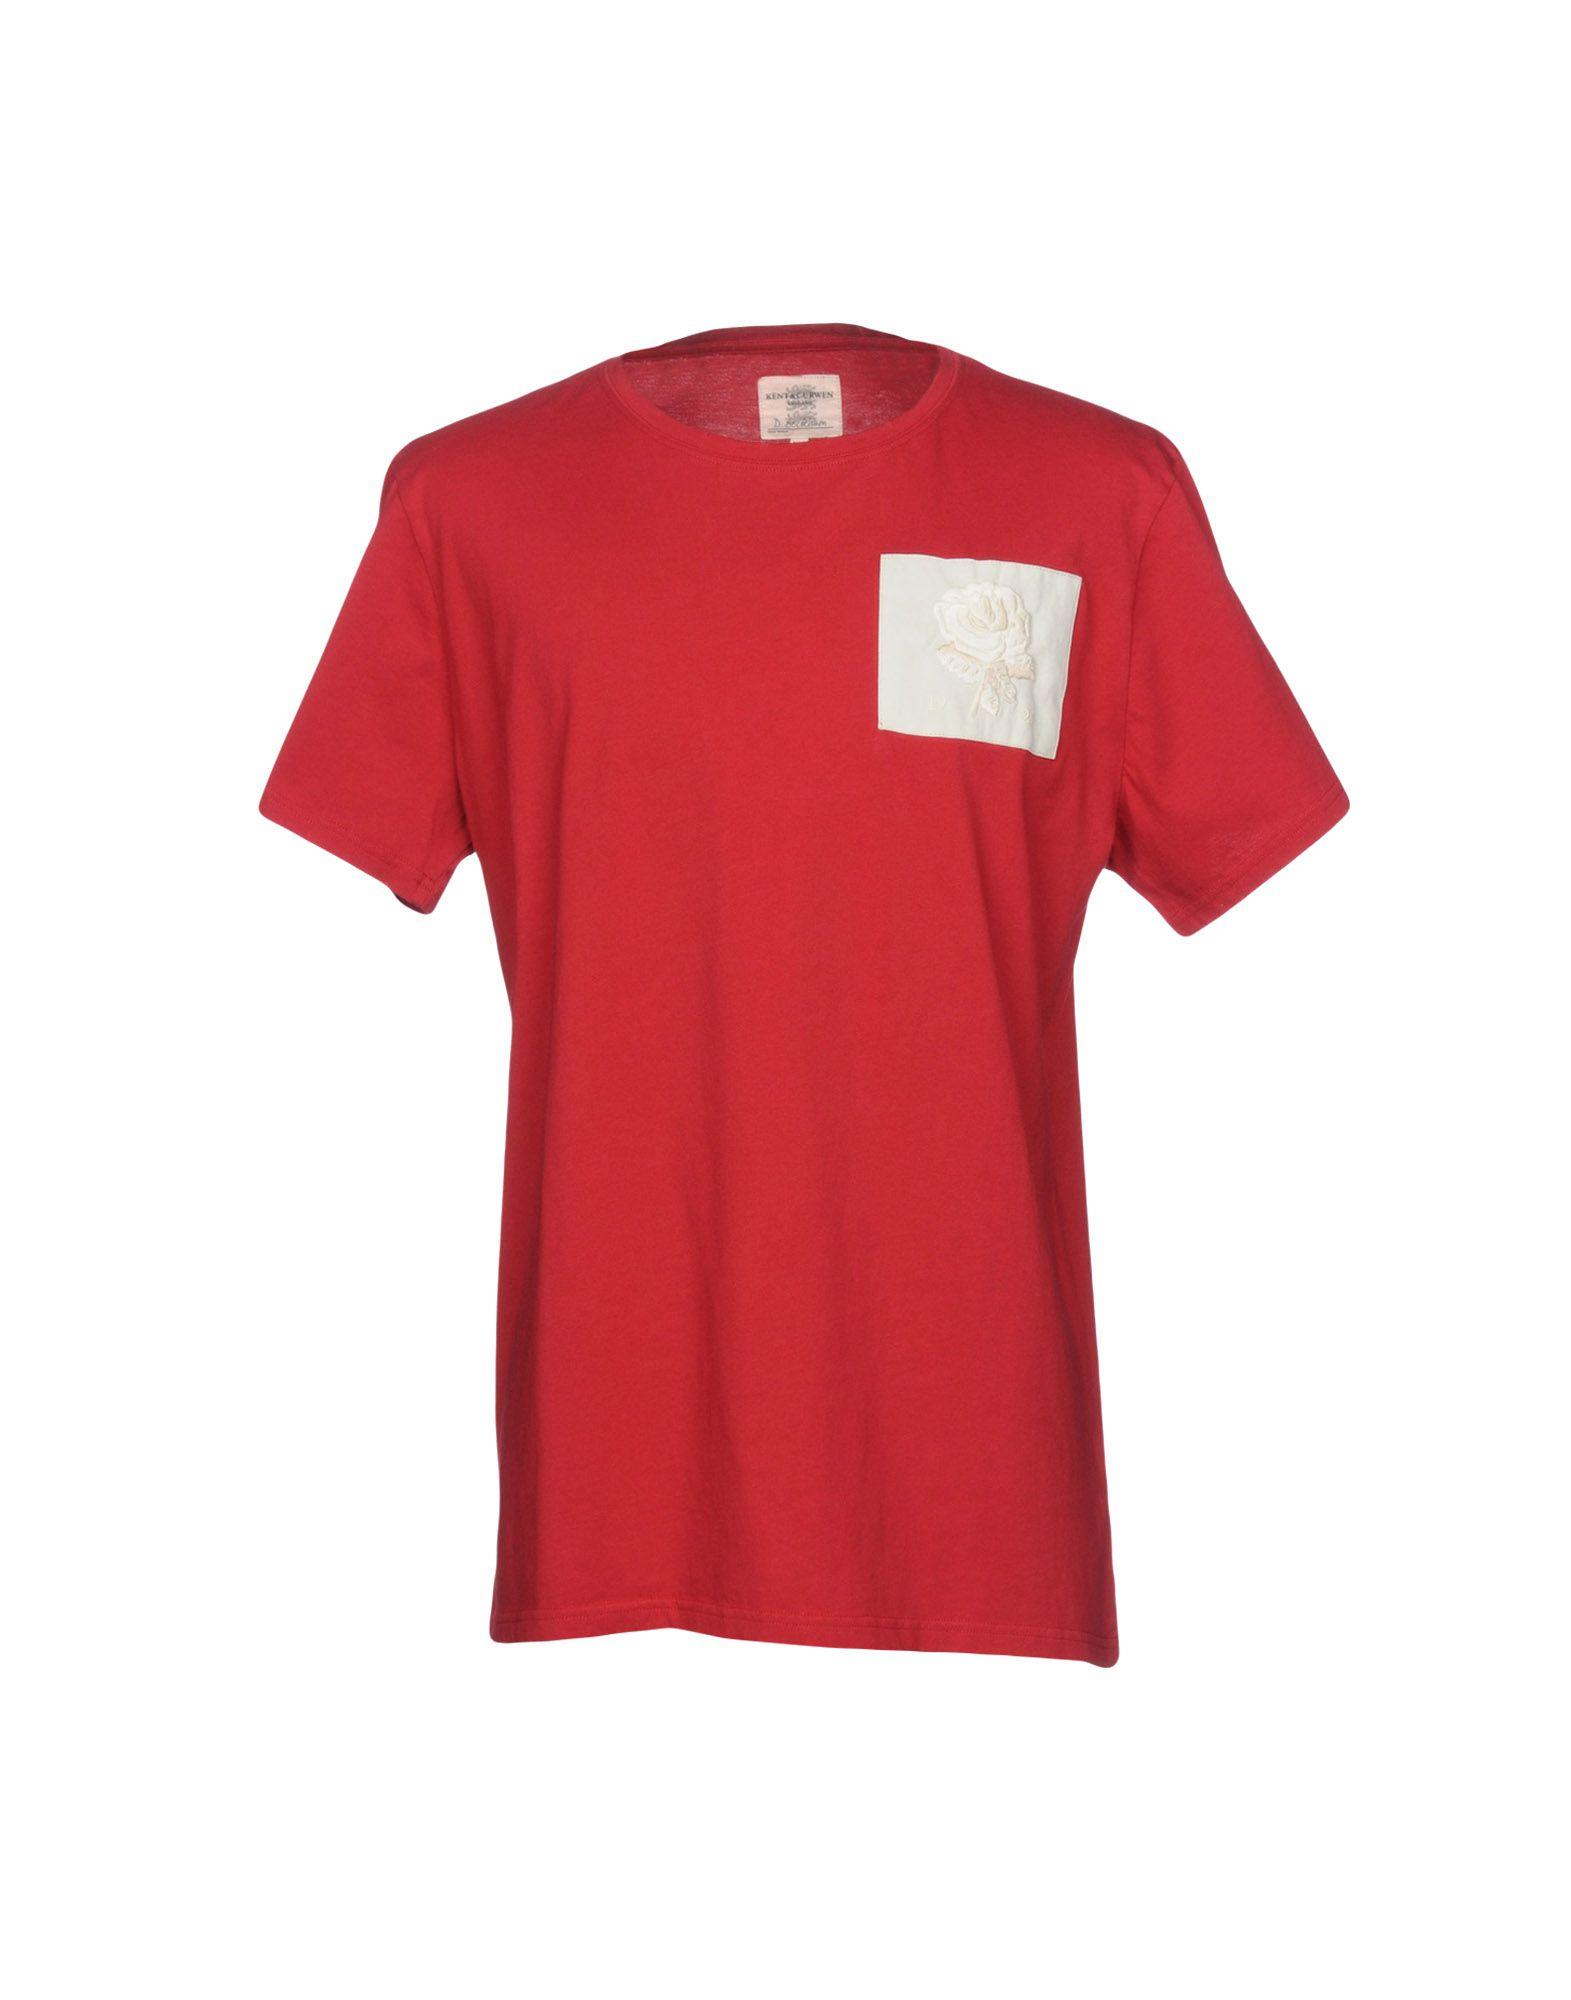 《送料無料》KENT & CURWEN メンズ T シャツ レッド XS コットン 100%